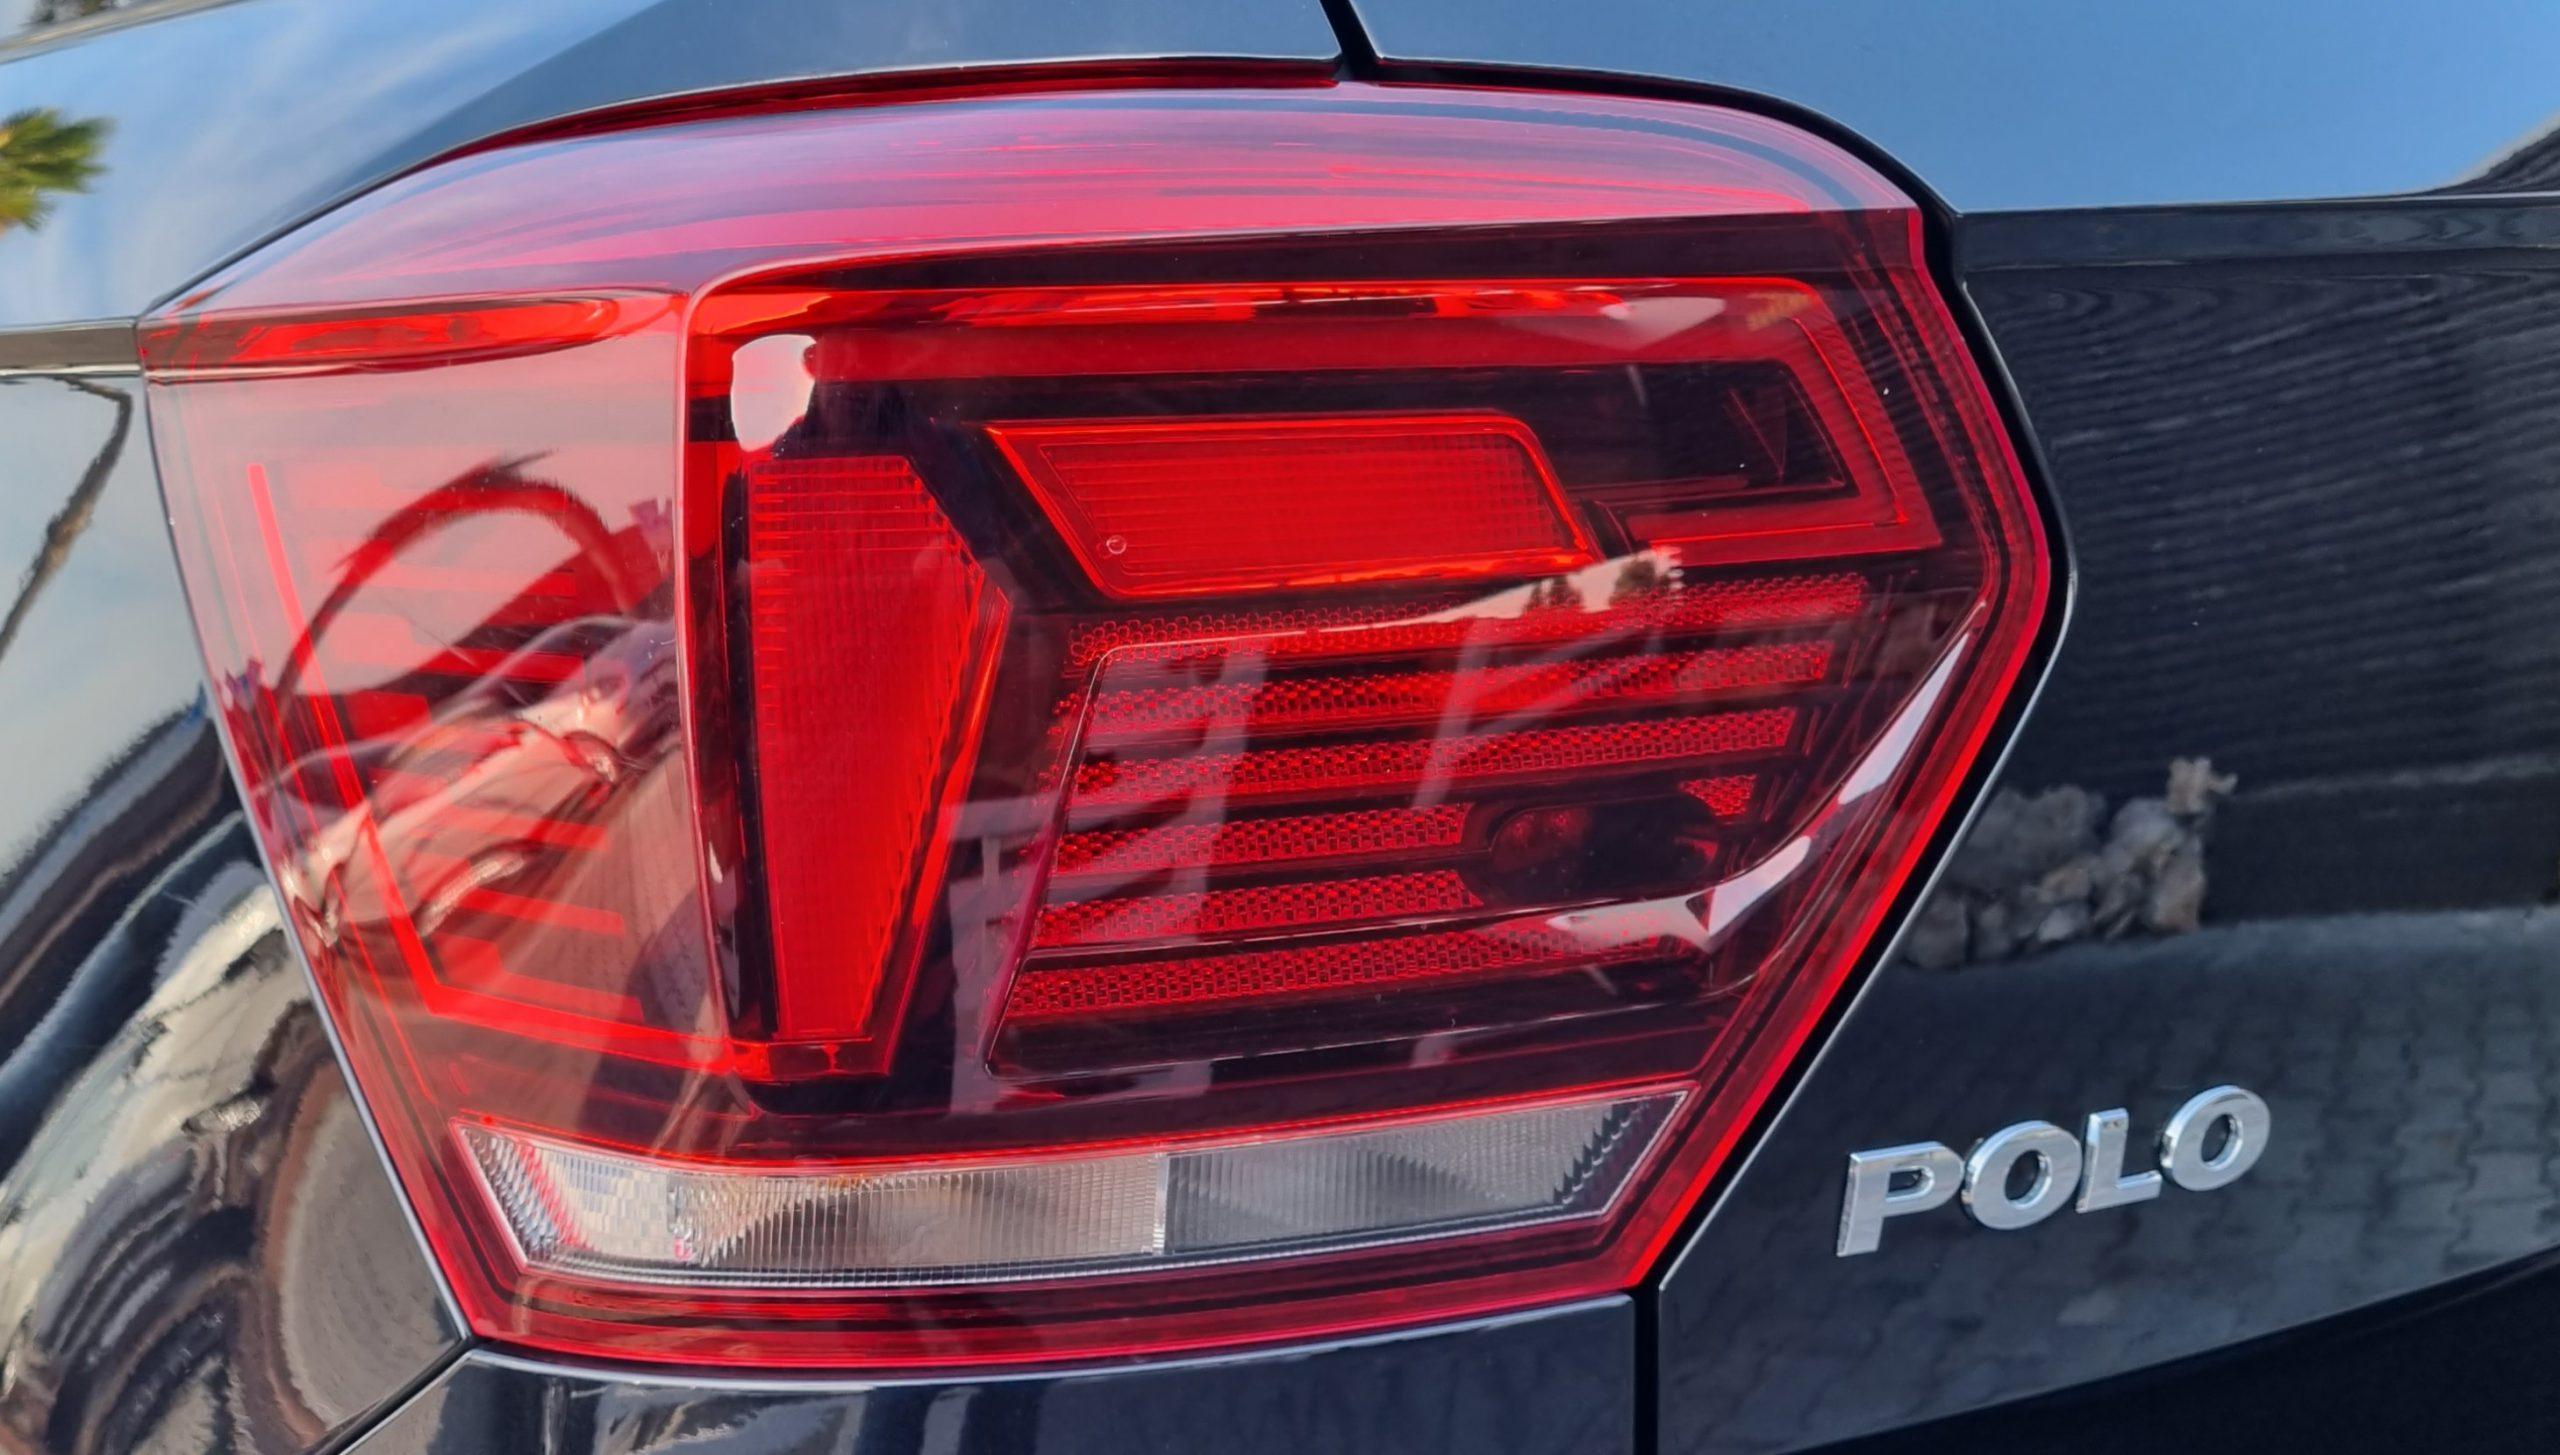 Volkswagen Polo 1.0 TGI  Highline  R-Line